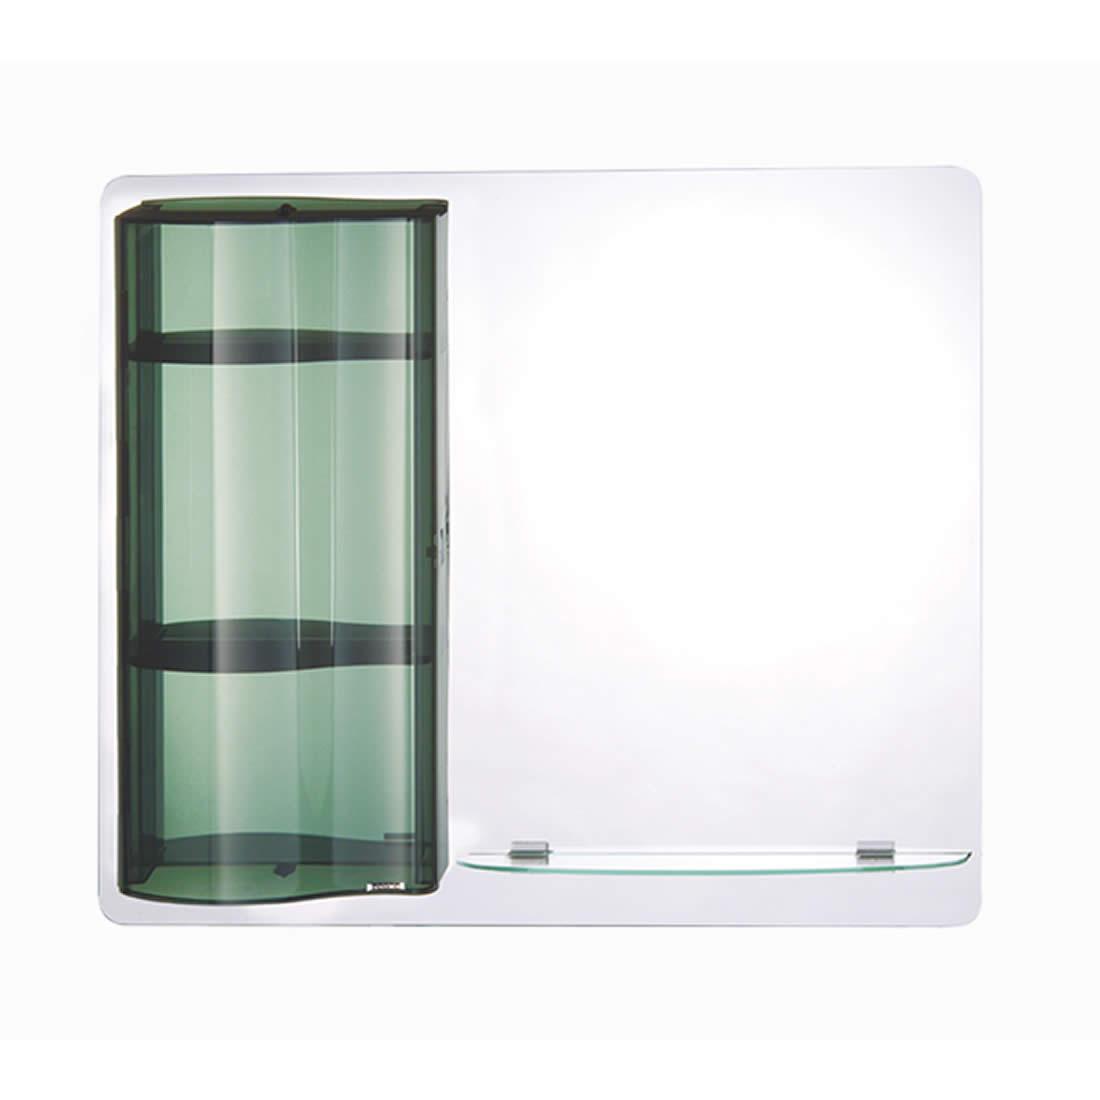 Espelheira Astra Rubi Fume 74 x 59 cm Ref EPBF/R